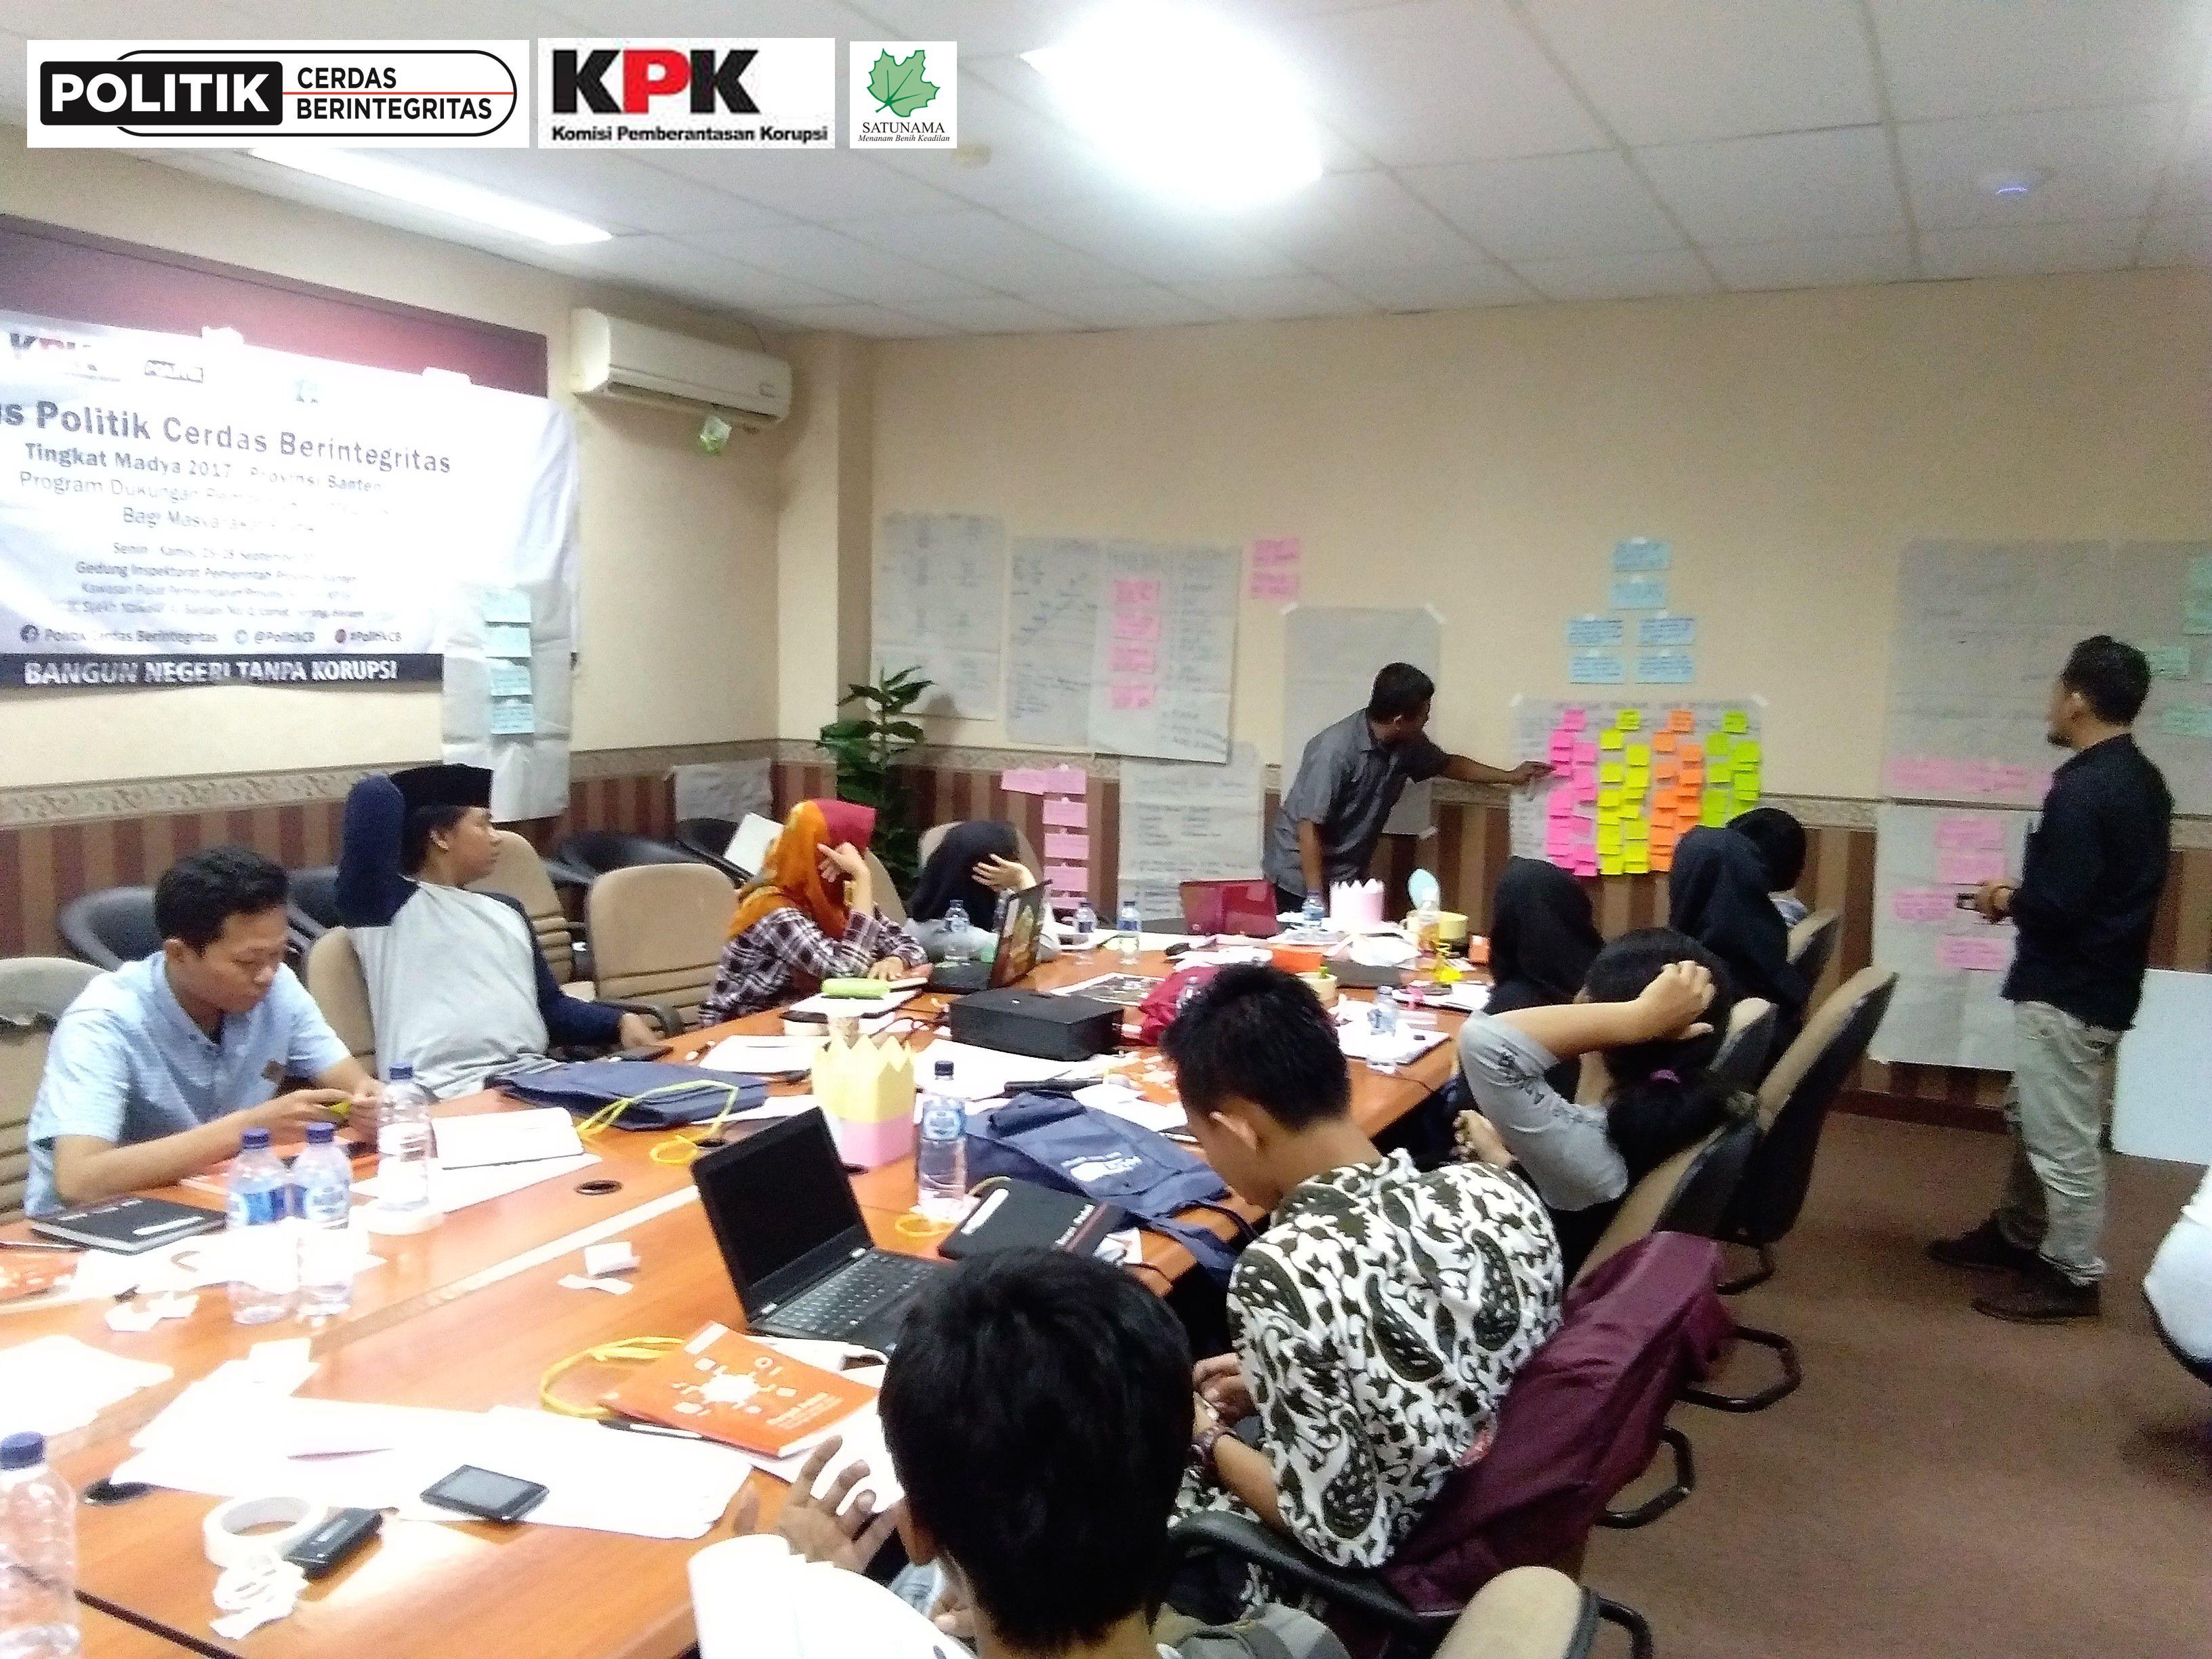 Peserta PCB Banten Dalami Tehnik Wawancara